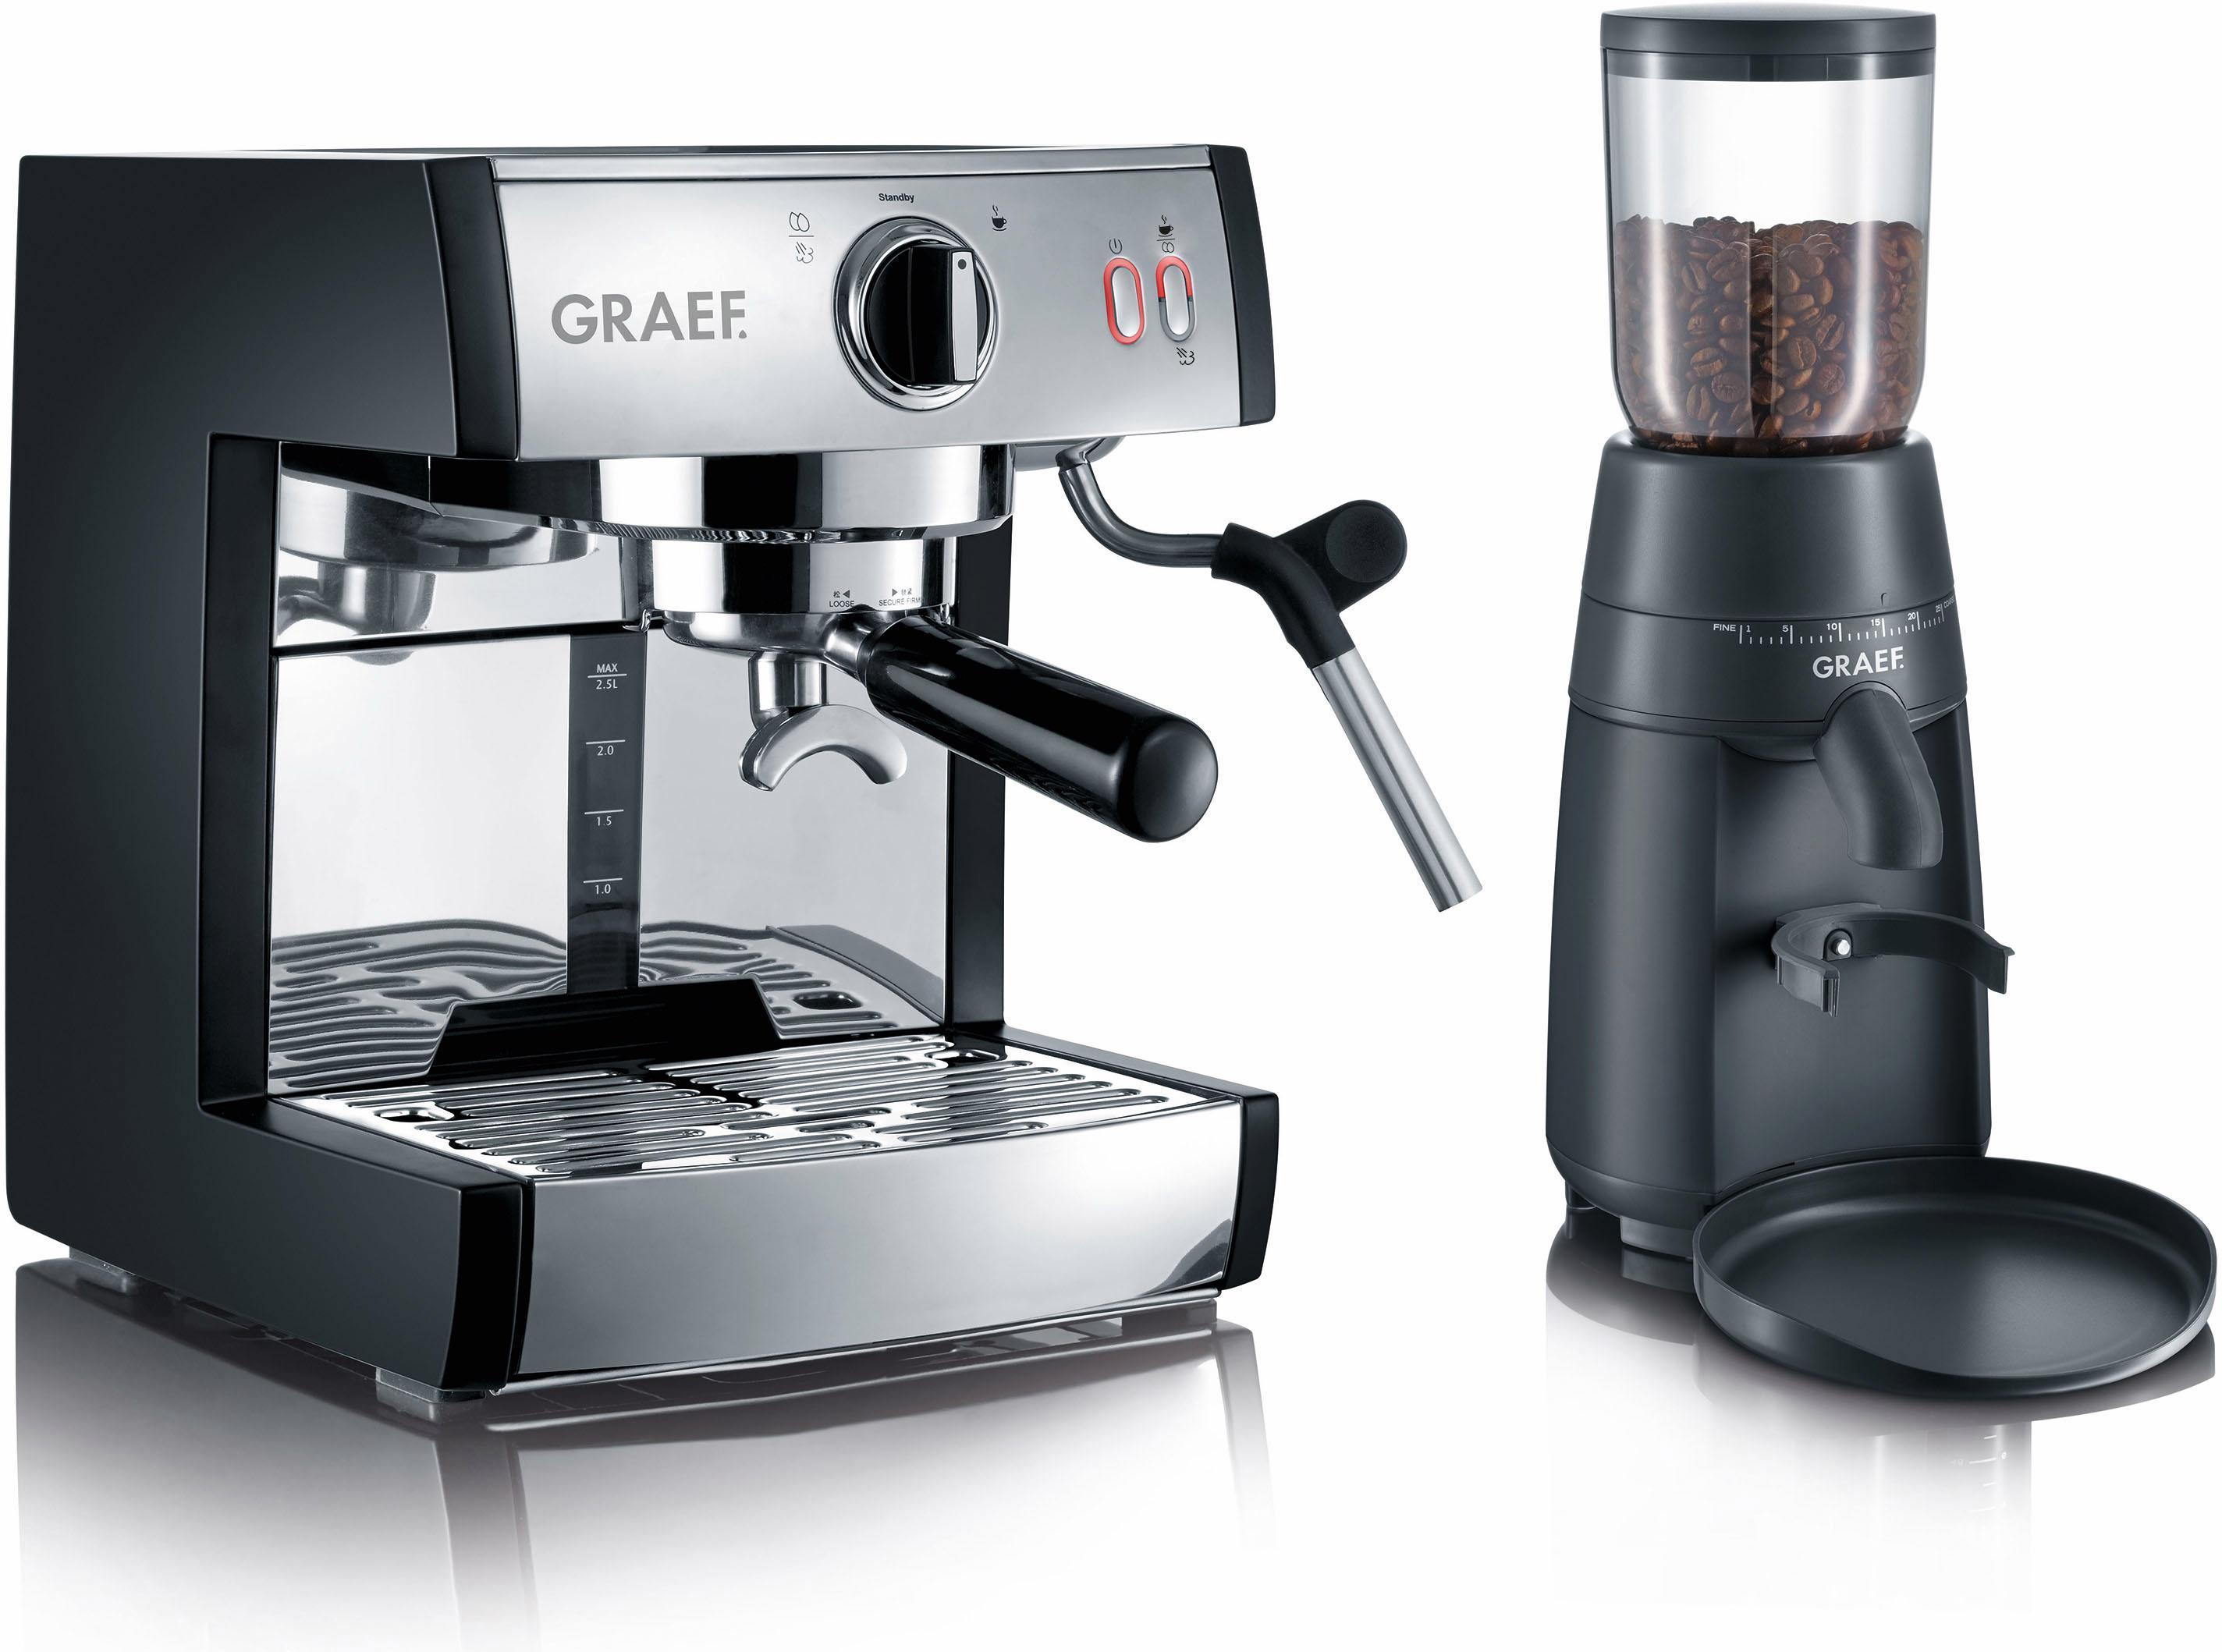 Graef Siebträgermaschine Espressomaschine pivalla SET | Küche und Esszimmer > Kaffee und Tee > Espressomaschinen | Schwarz | GRAEF